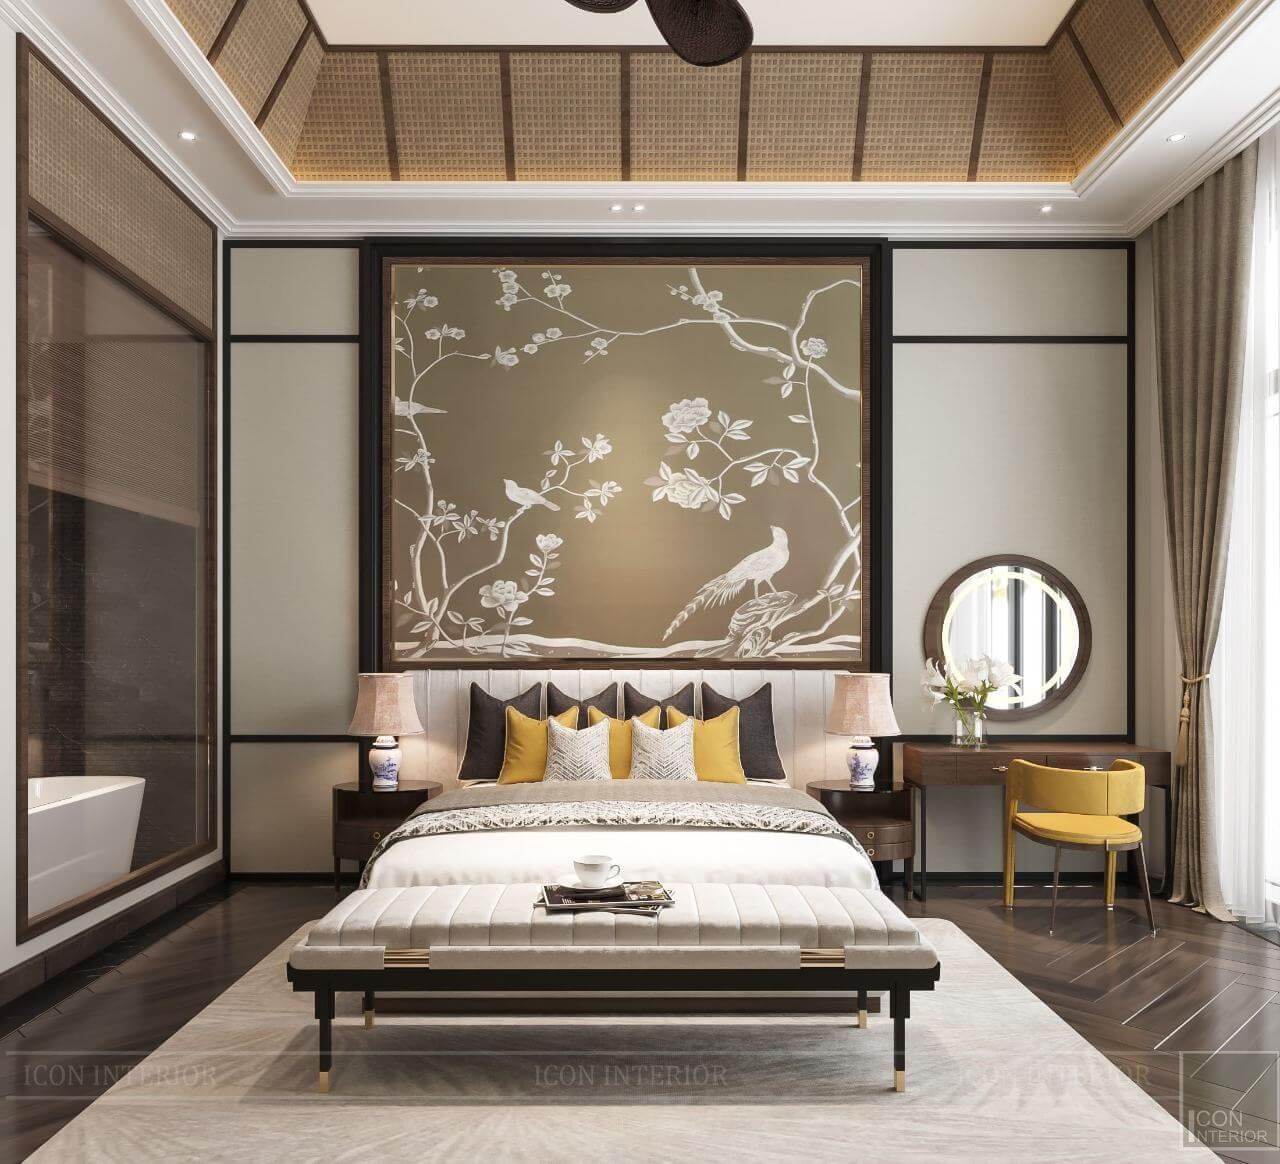 kiến trúc đông dương trong thiết kế nội thất phòng ngủ